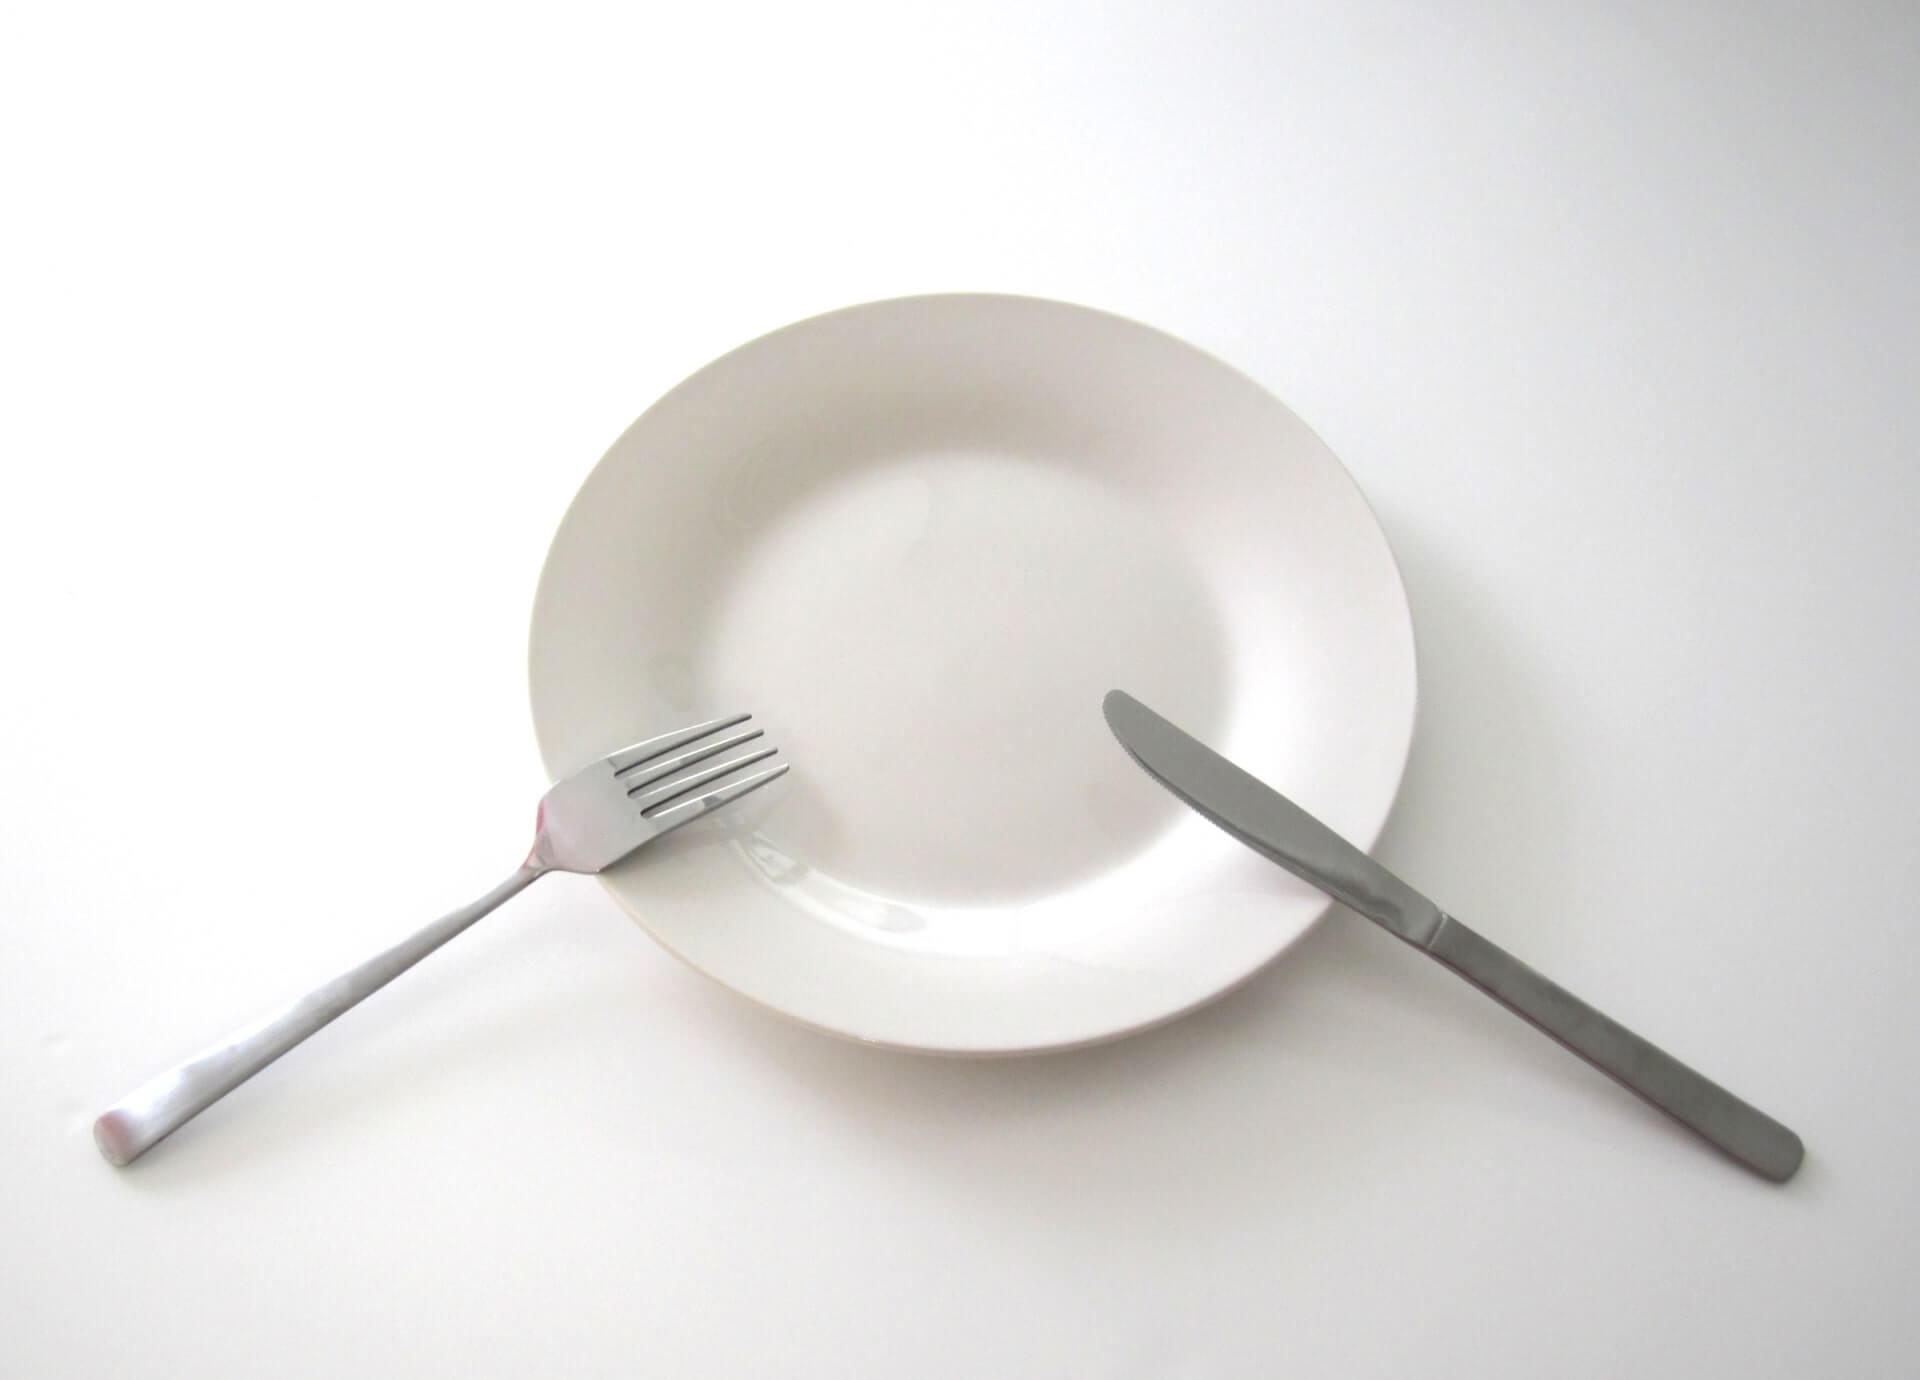 テーブルマナーにおけるお皿のマナーの画像